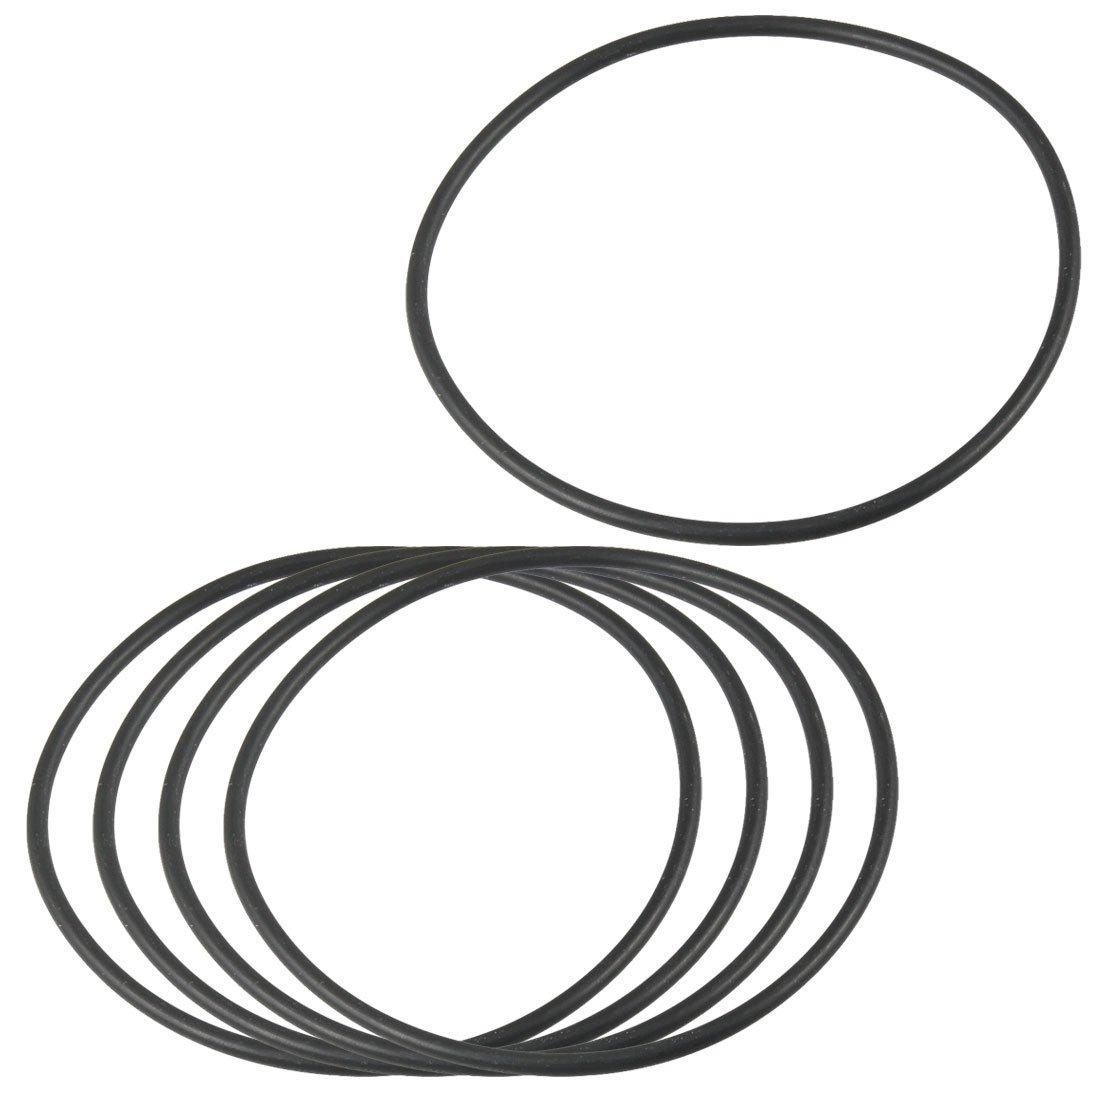 Sourcingmap a12092600ux0102-75mm x 2.4mm junta de goma flexible sellado arandela negro 5 piezas